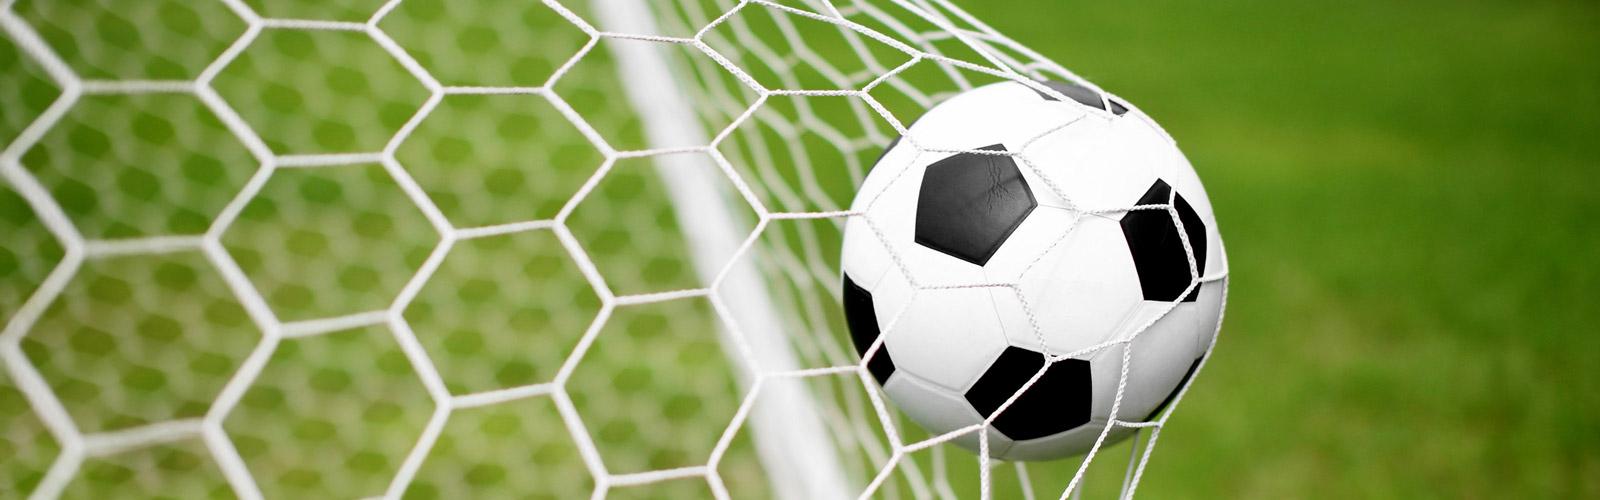 fussball_1600